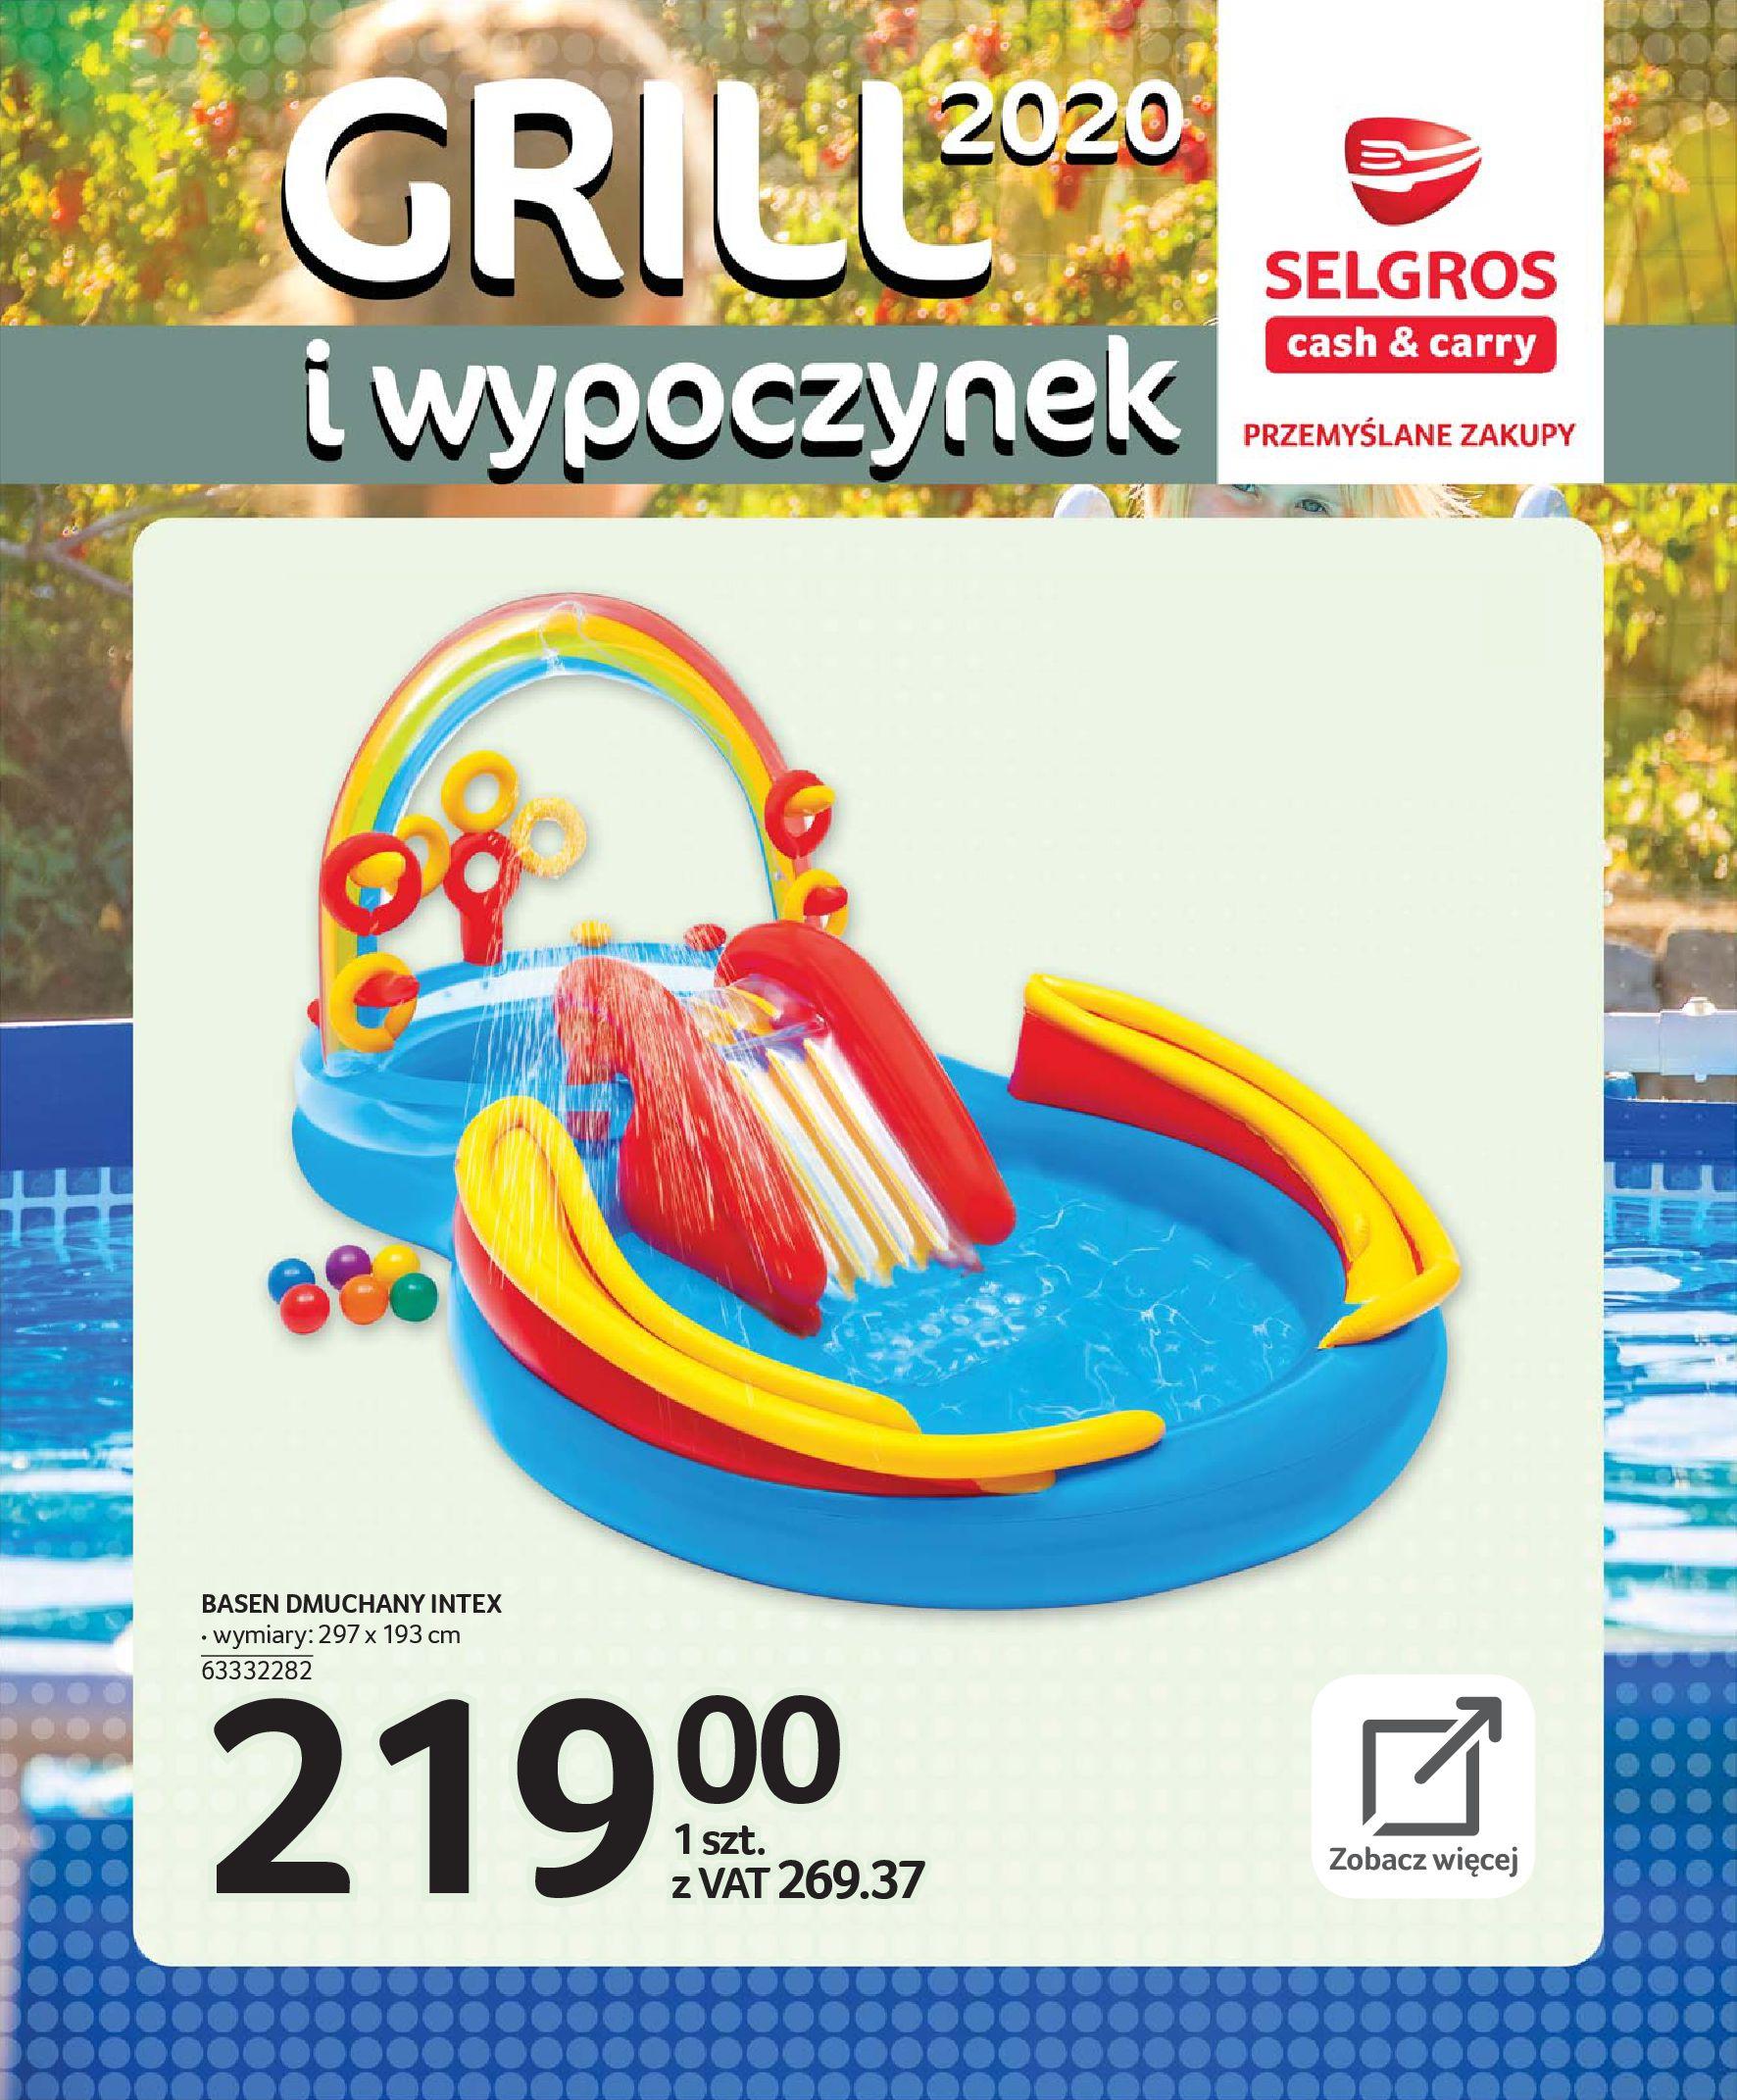 Gazetka Selgros - Katalog - Grill i wypoczynek-31.03.2020-31.08.2020-page-100